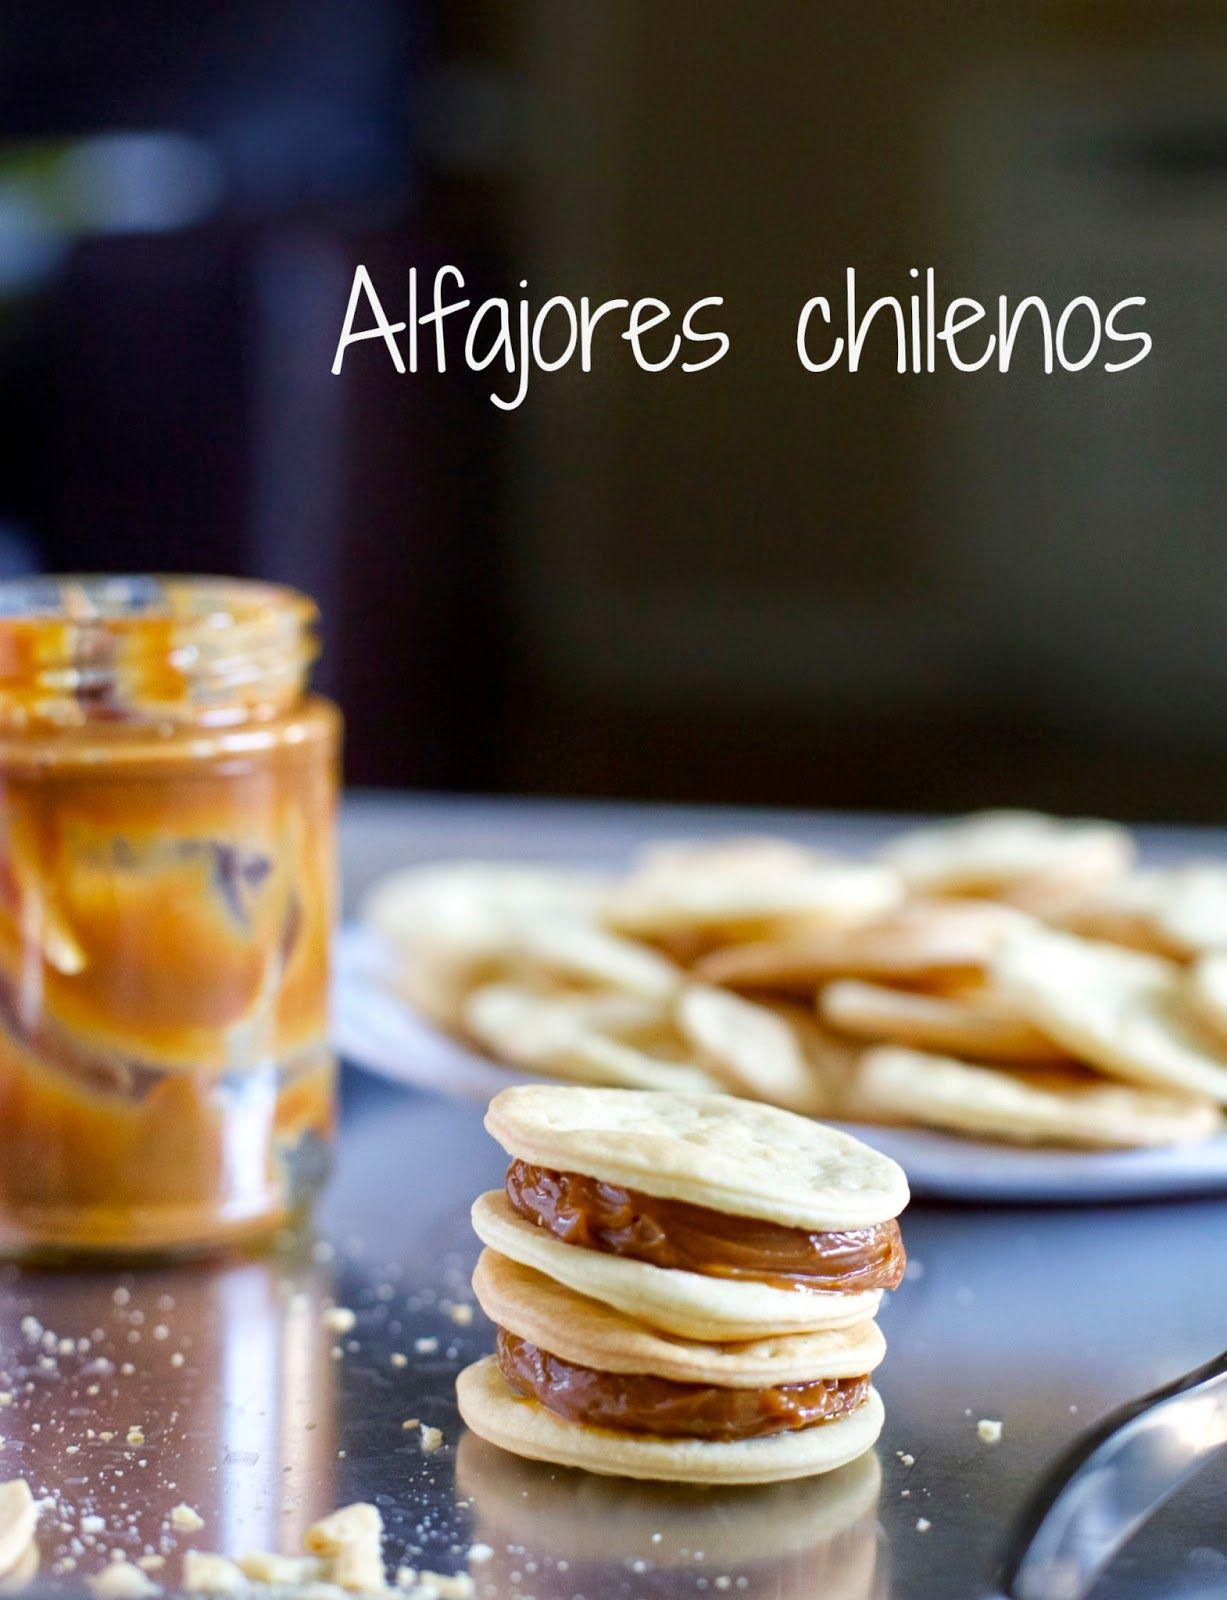 Buscador de recetas en blogs chilenos dulces y tortas chilenas en mi cocina hoy chilean alfajores south american recipes in spanish and english forumfinder Image collections